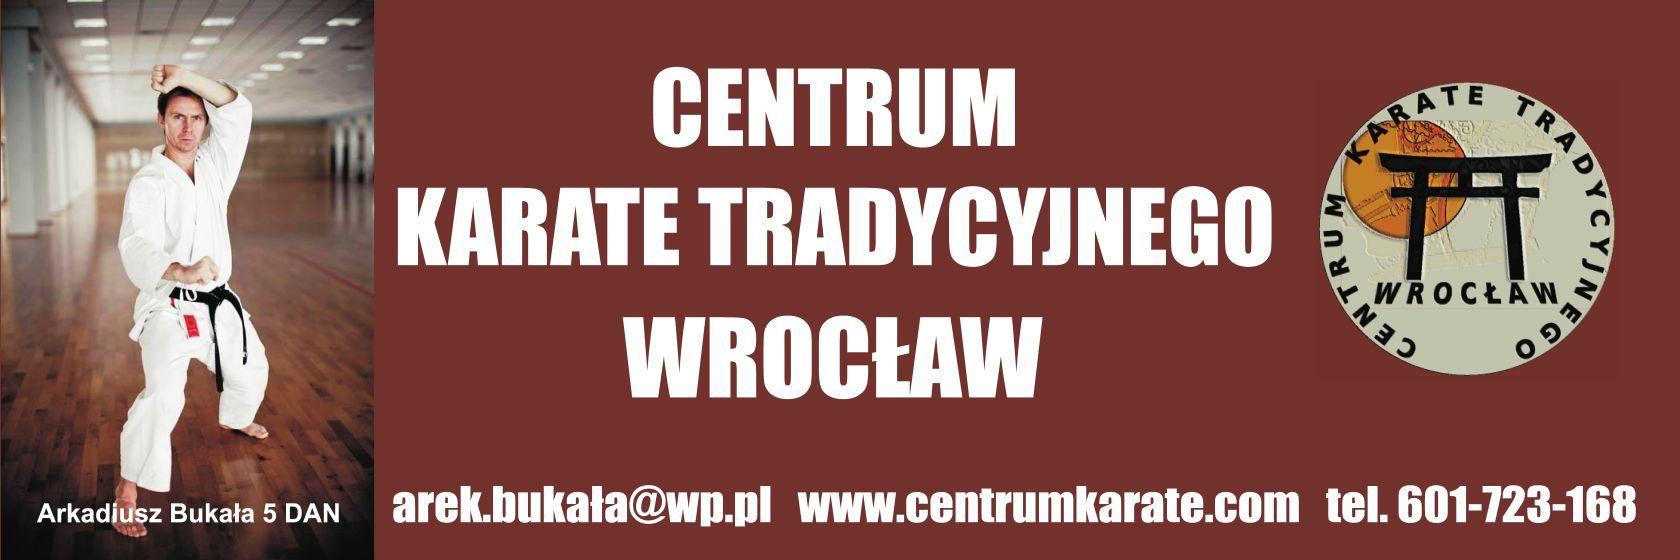 Centrum Karate Tradycyjnego Wrocław